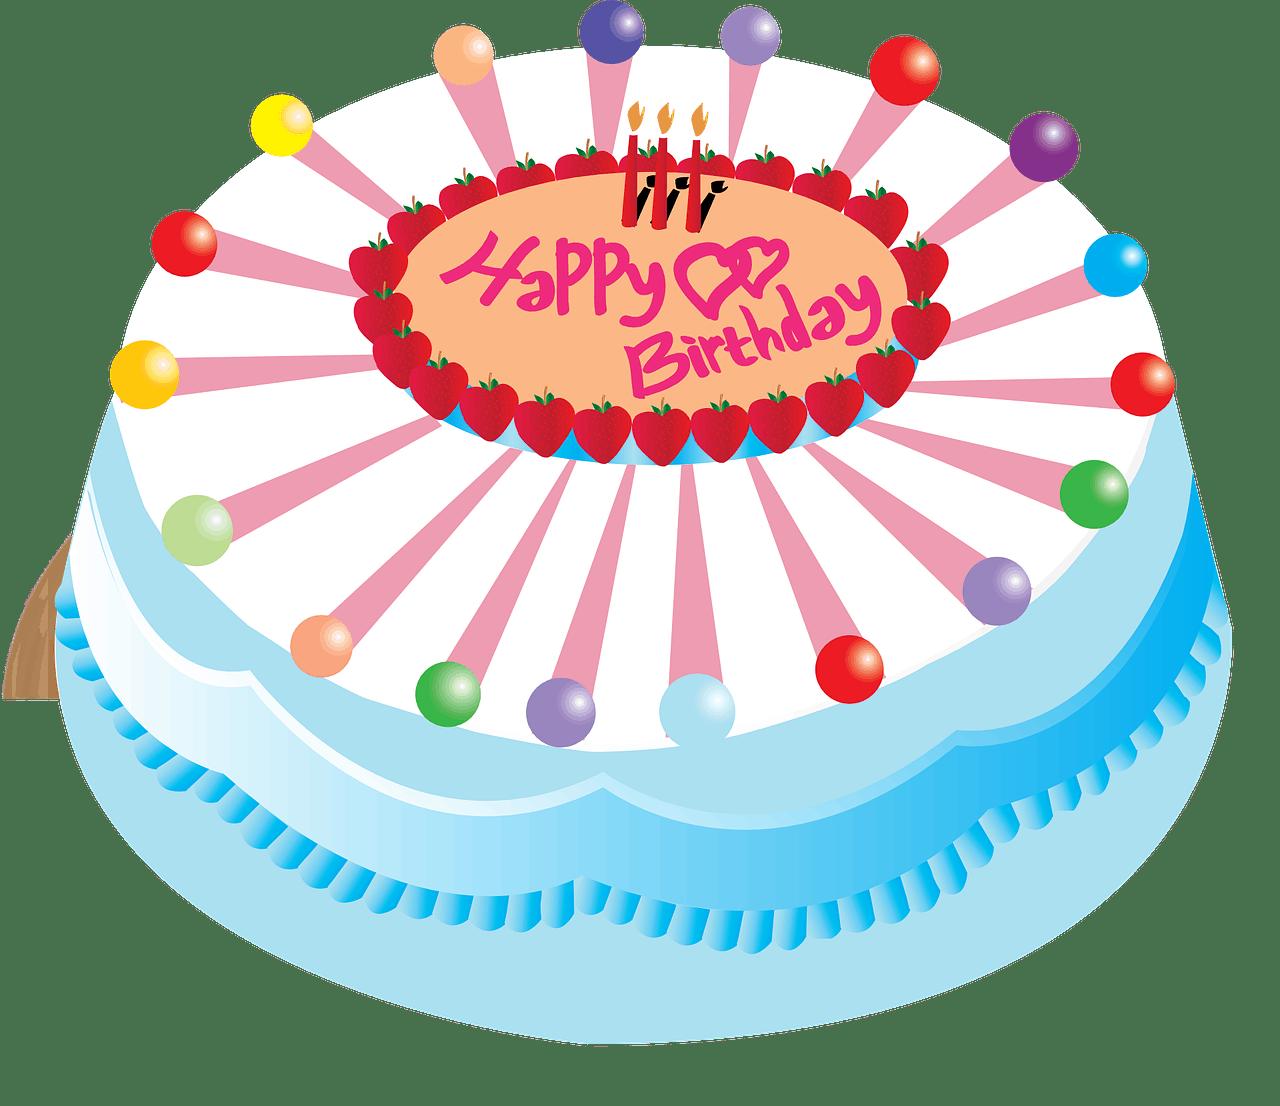 ברכות-ליום-הולדת